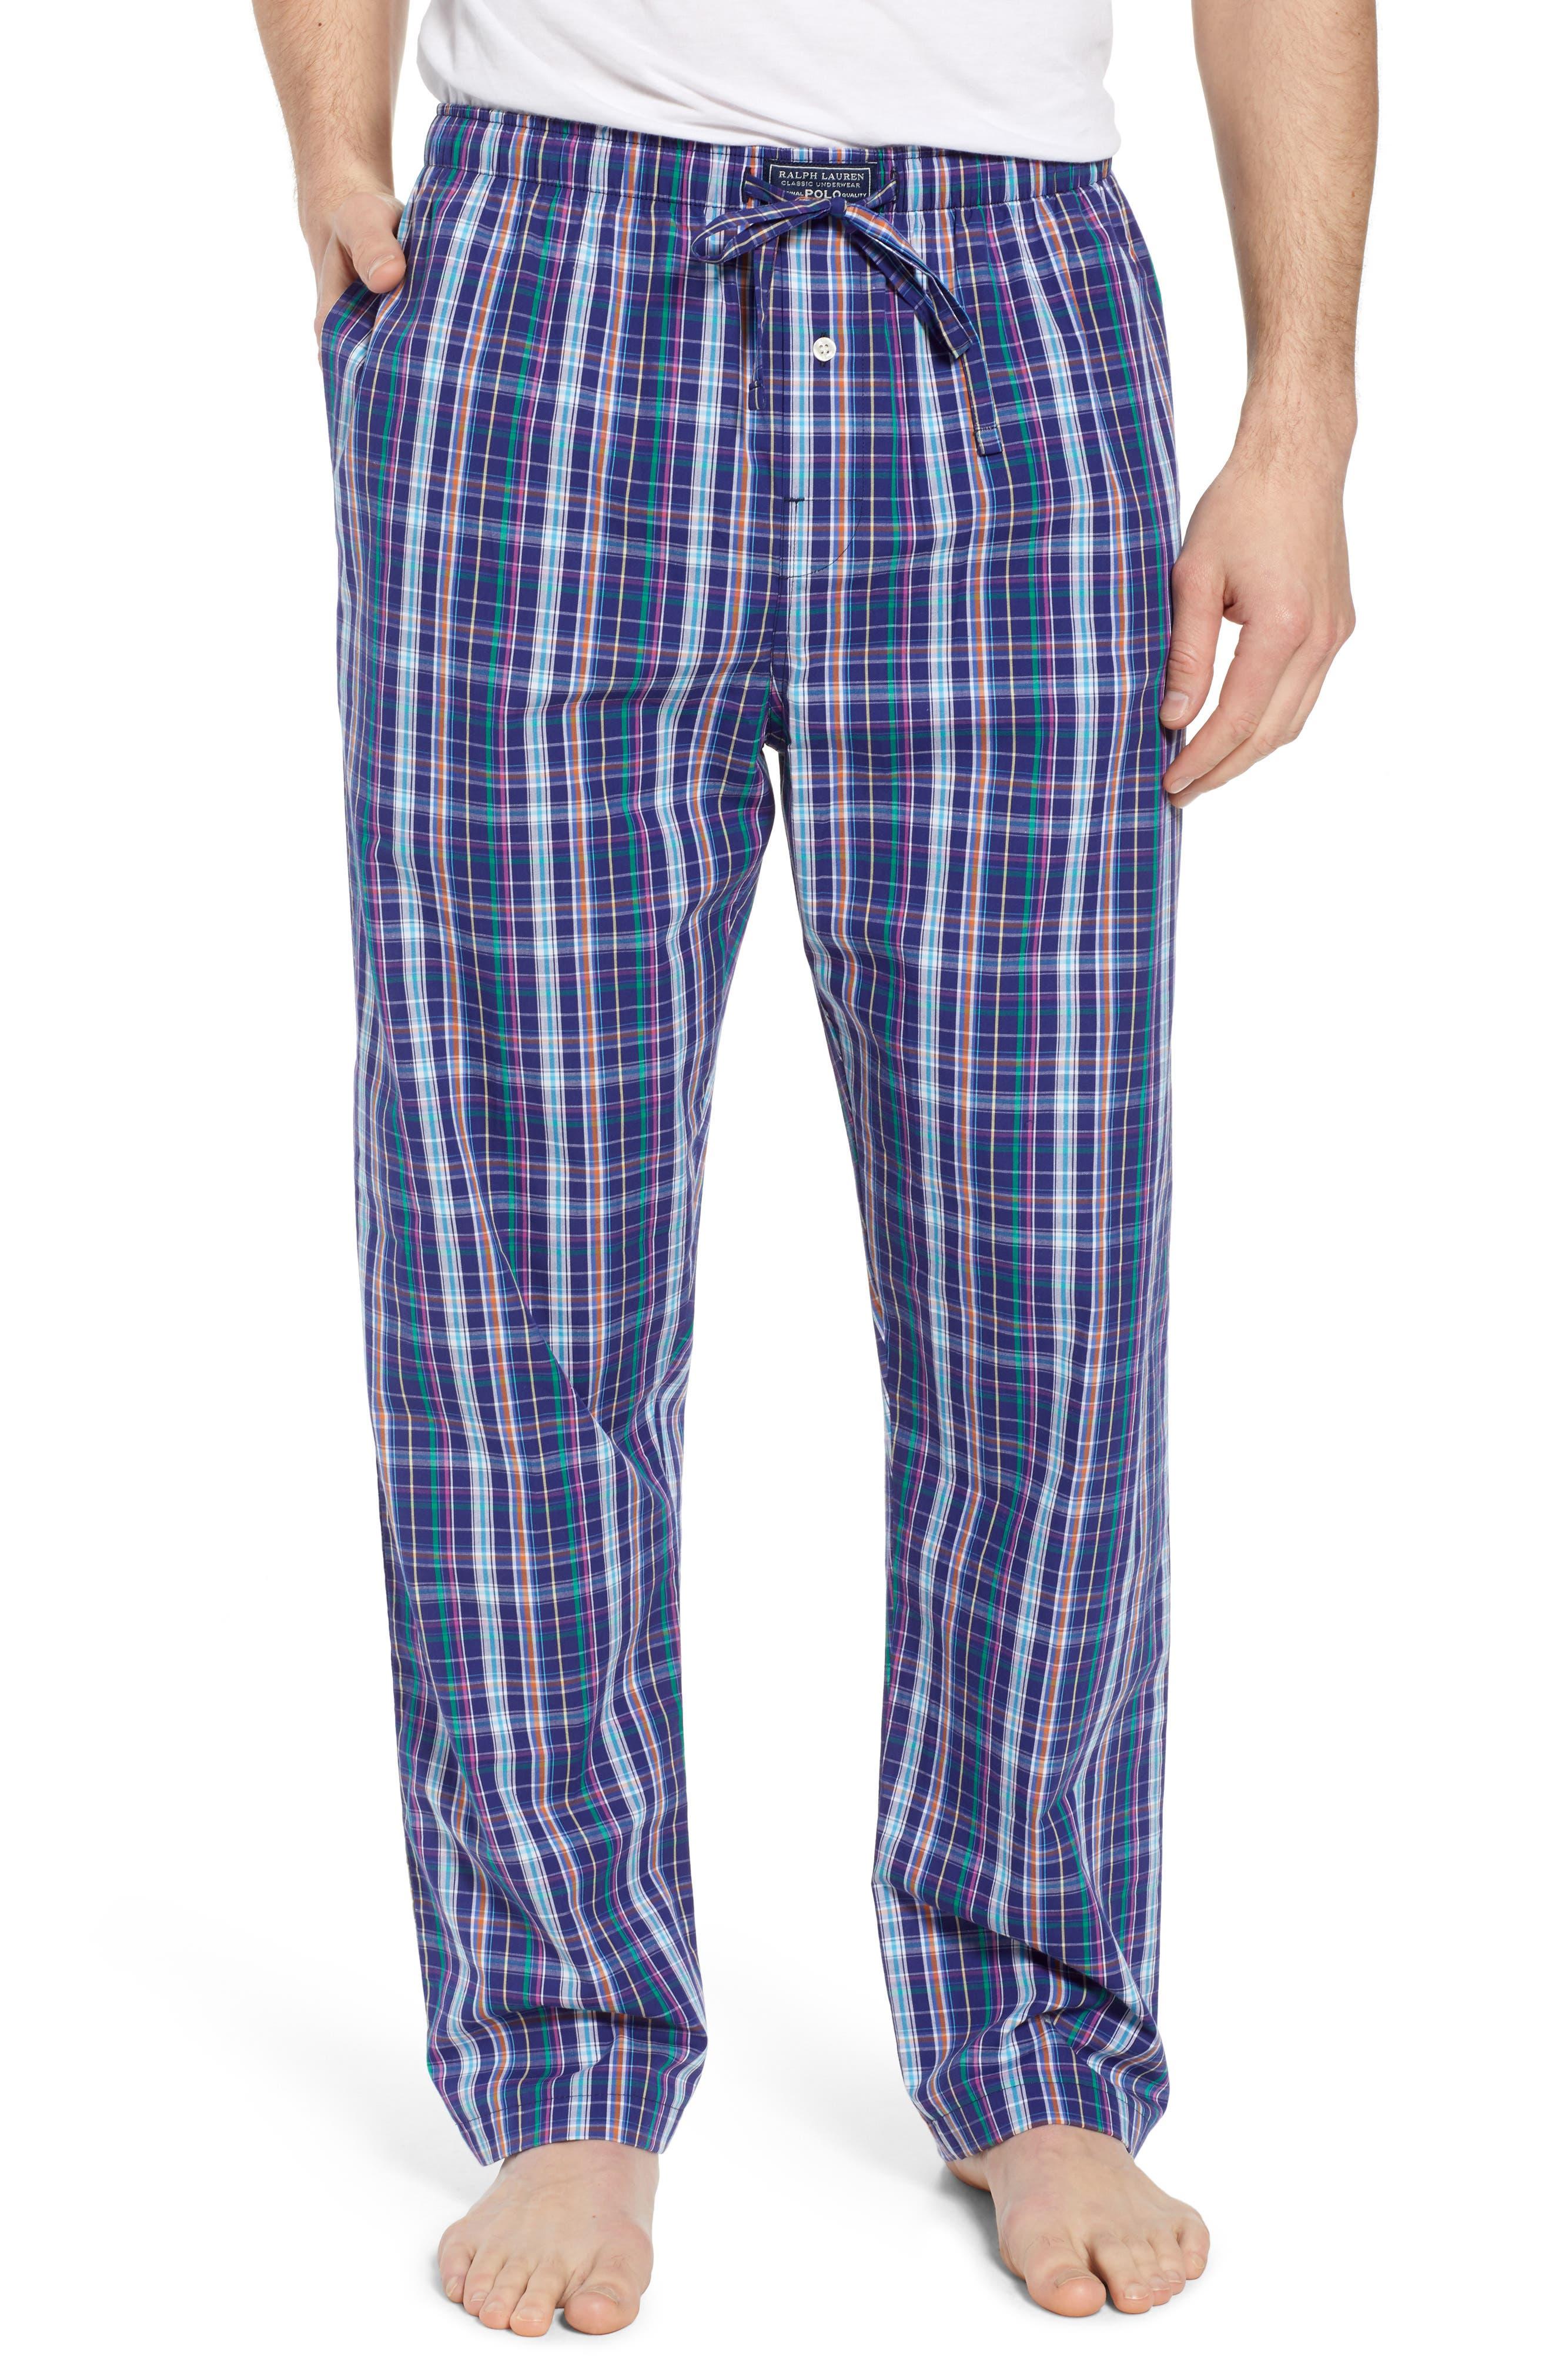 Cotton Lounge Pants,                         Main,                         color, Alton Plaid/ May Orange